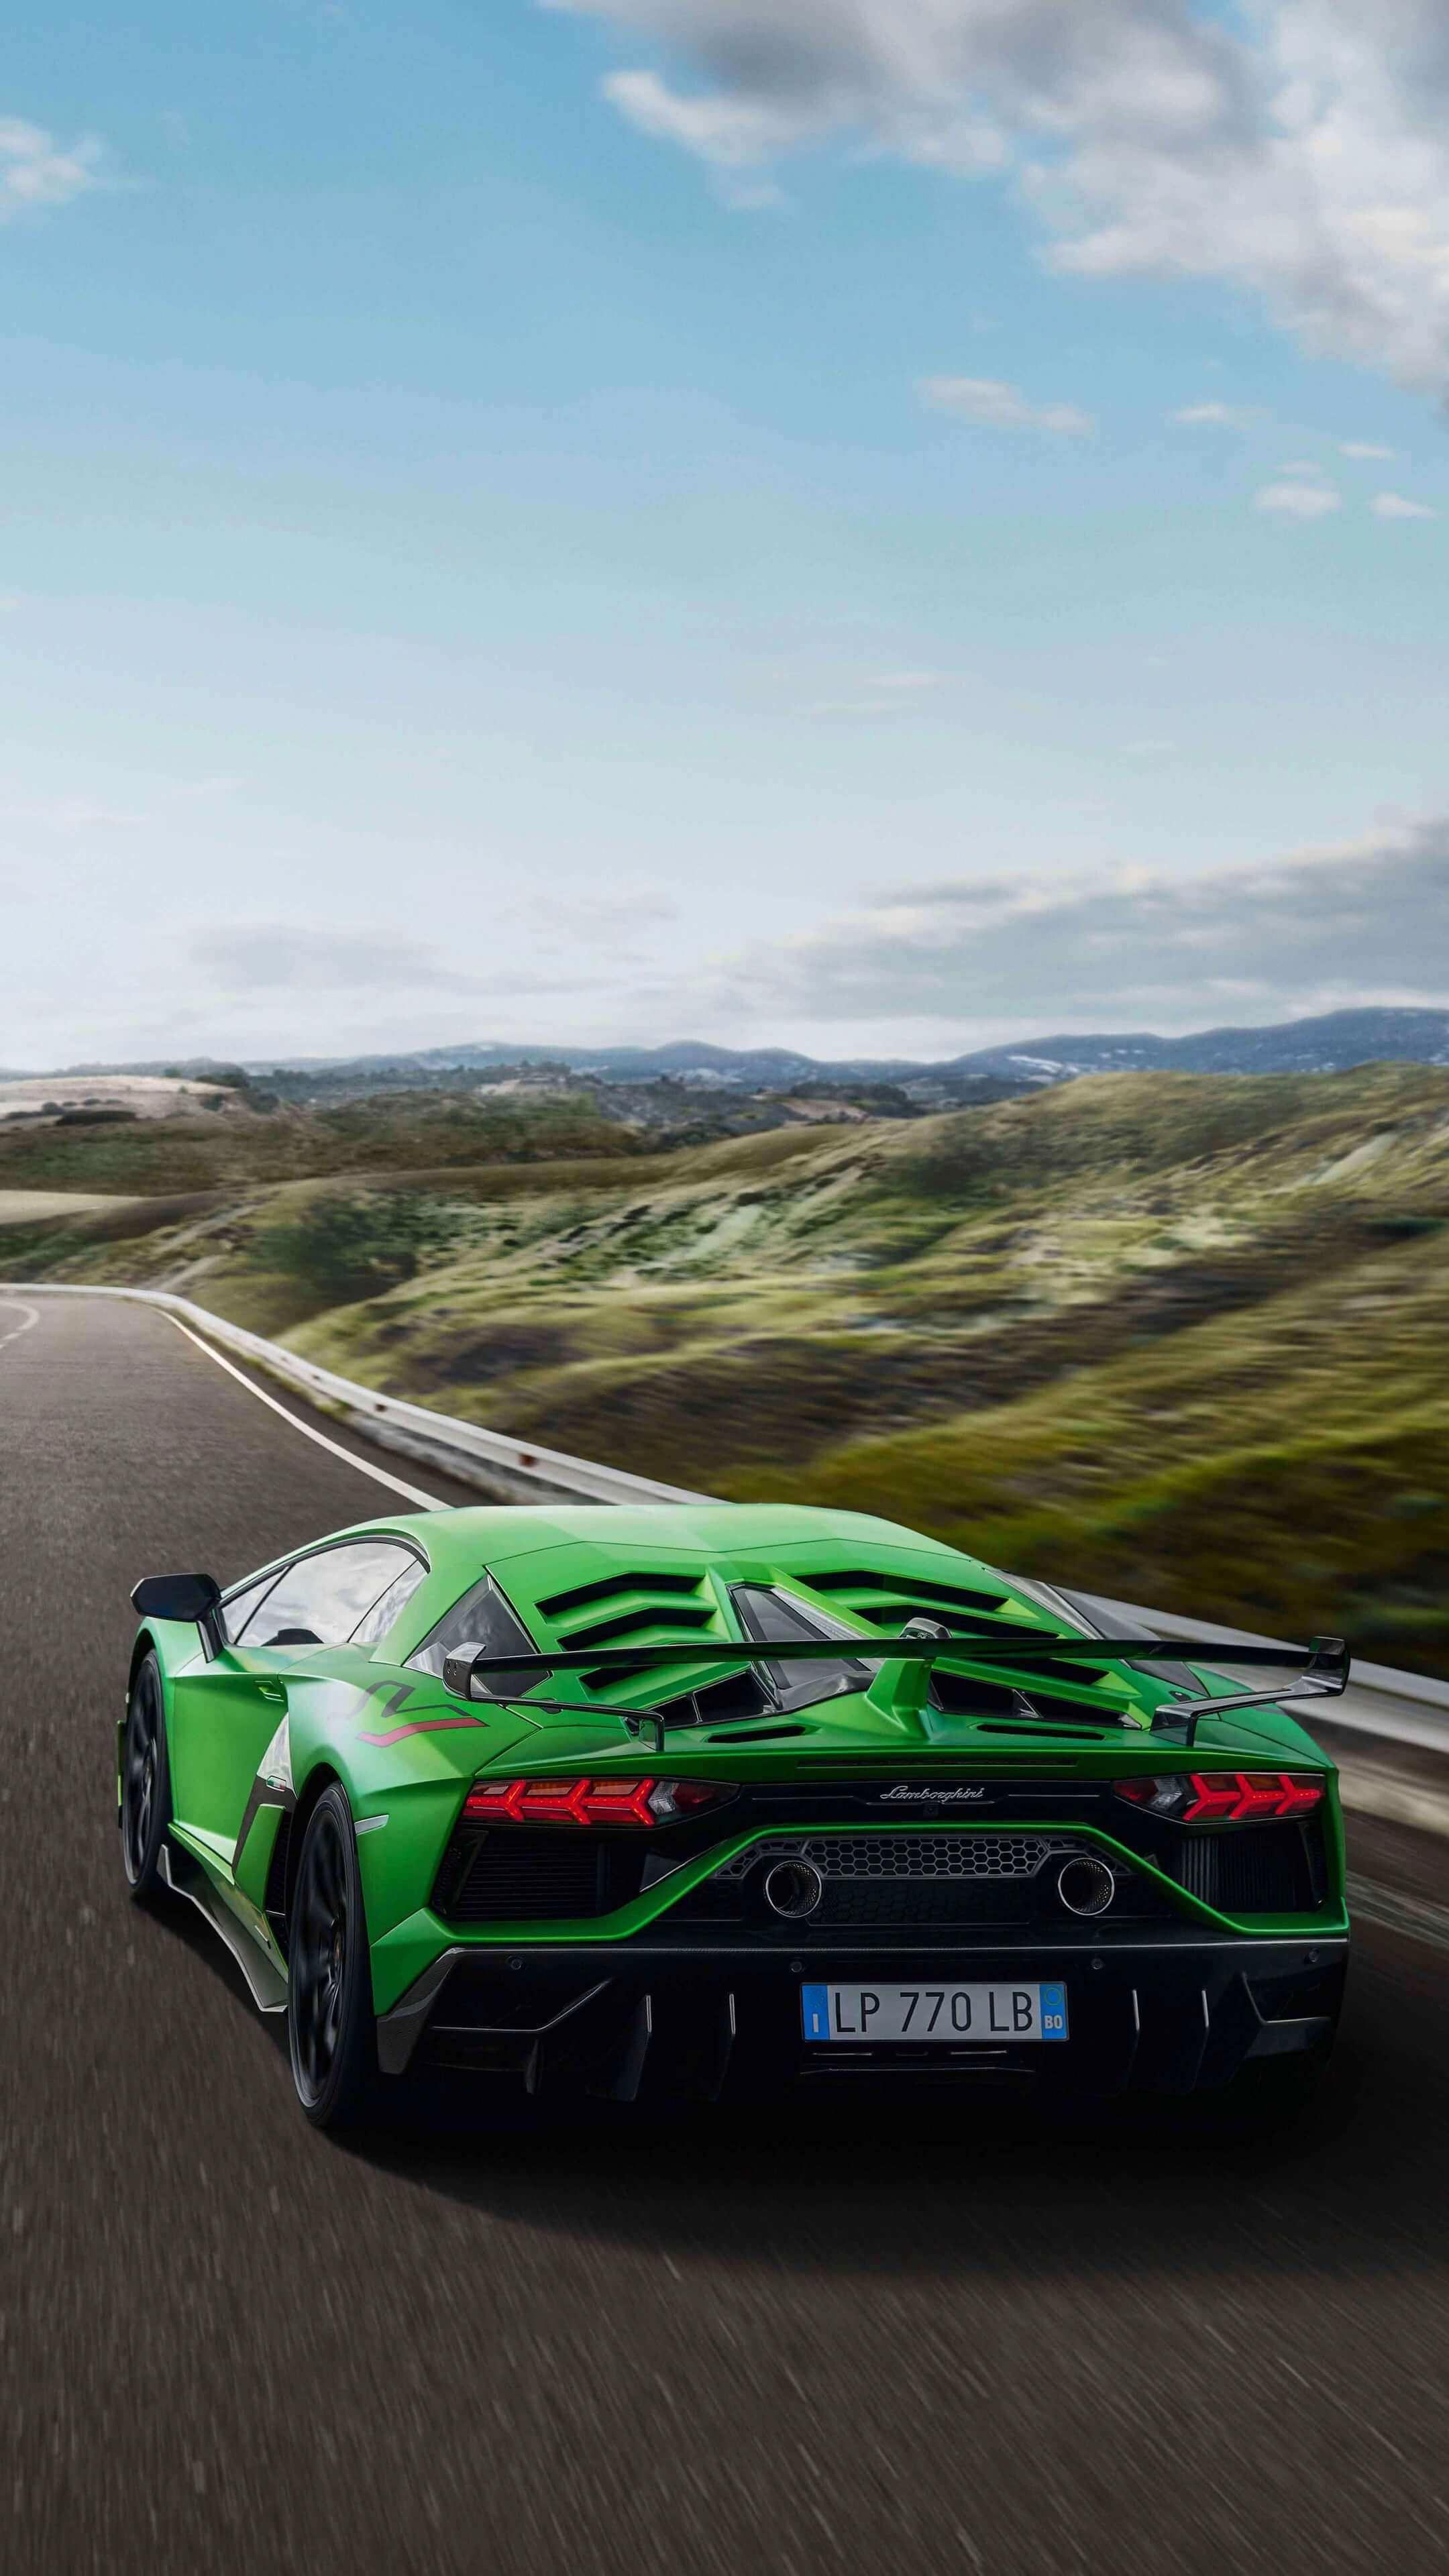 Lamborghini Aventador S Iphone Wallpaper Ferrari458 Lamborghini